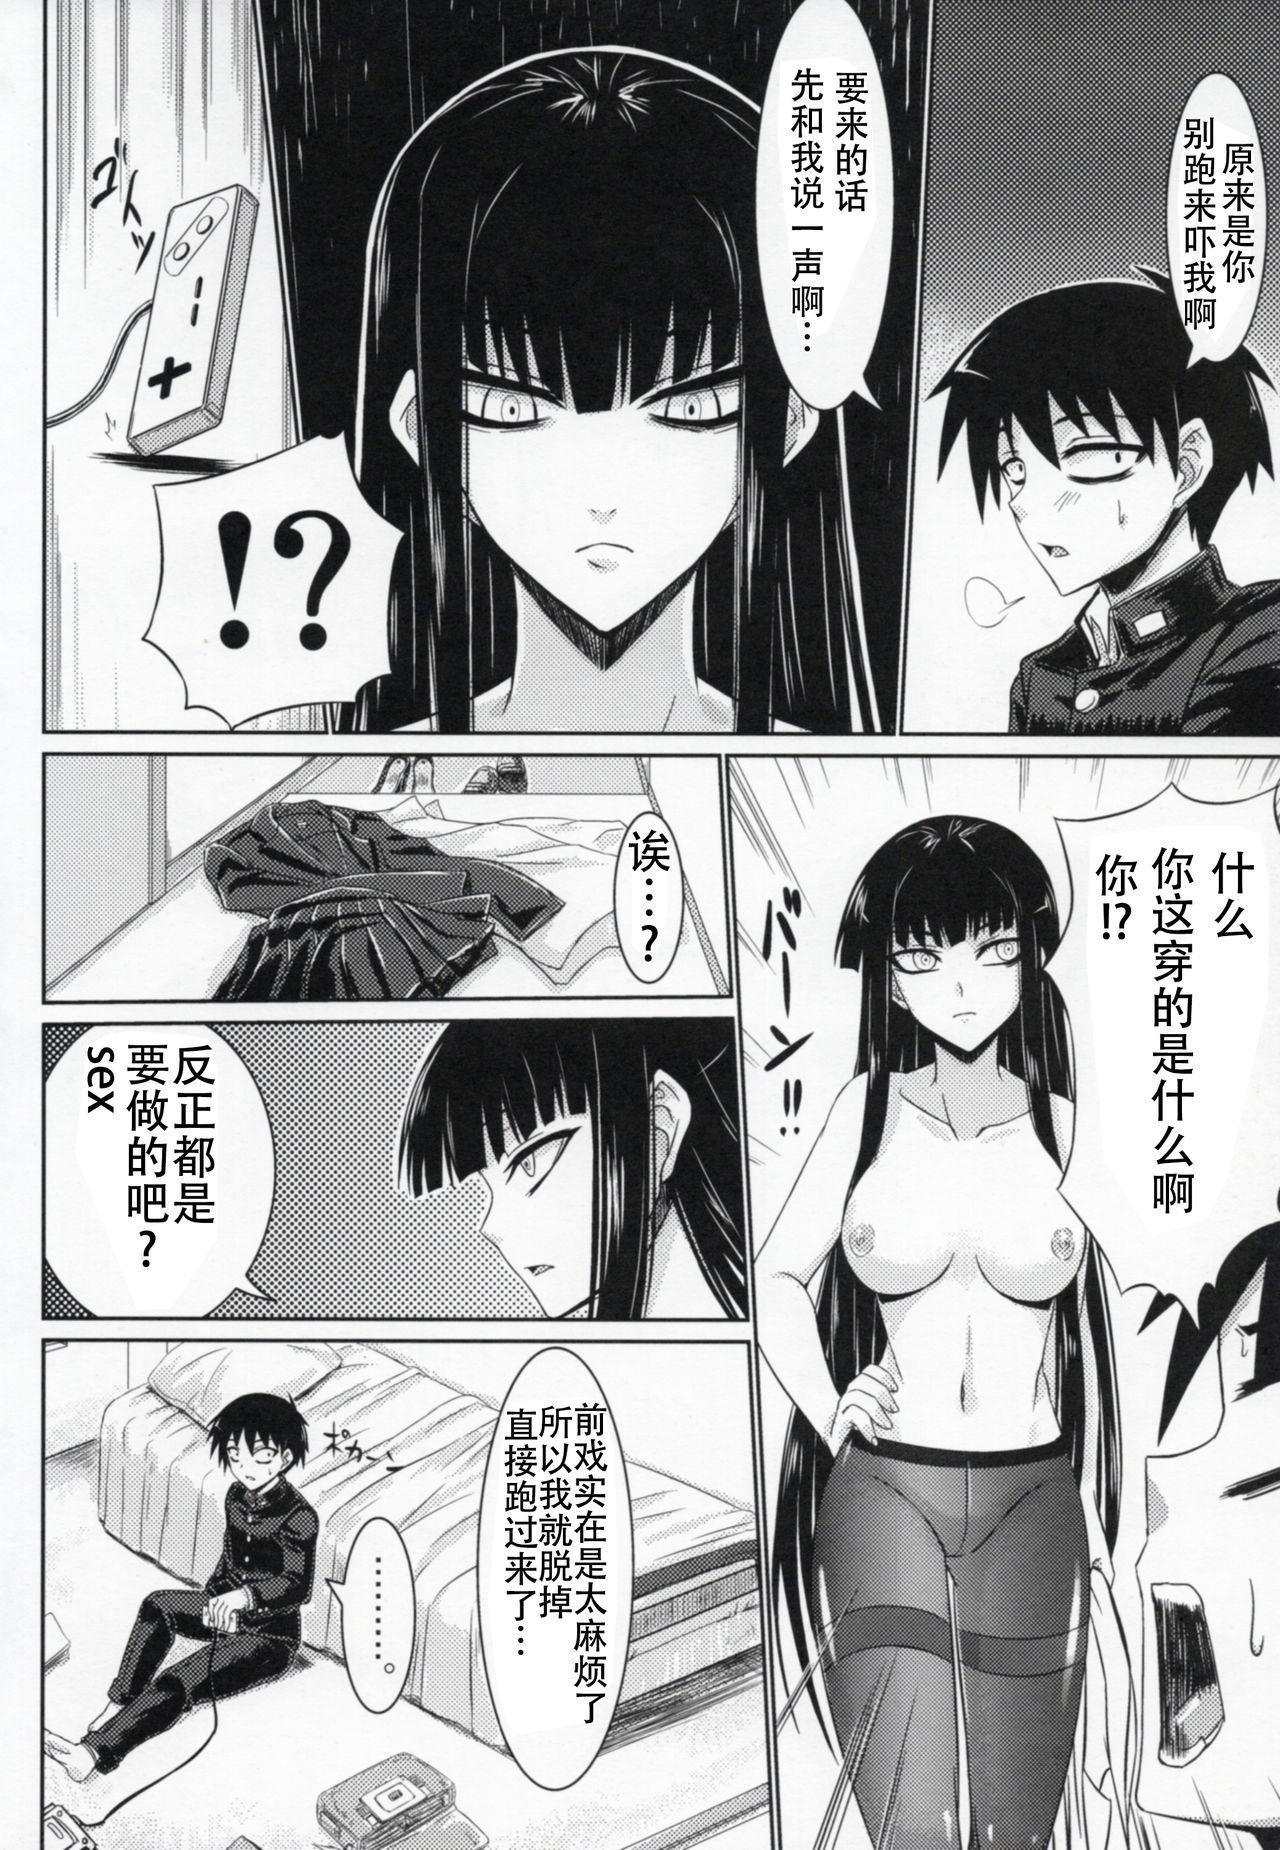 Houkago Sex 3 3